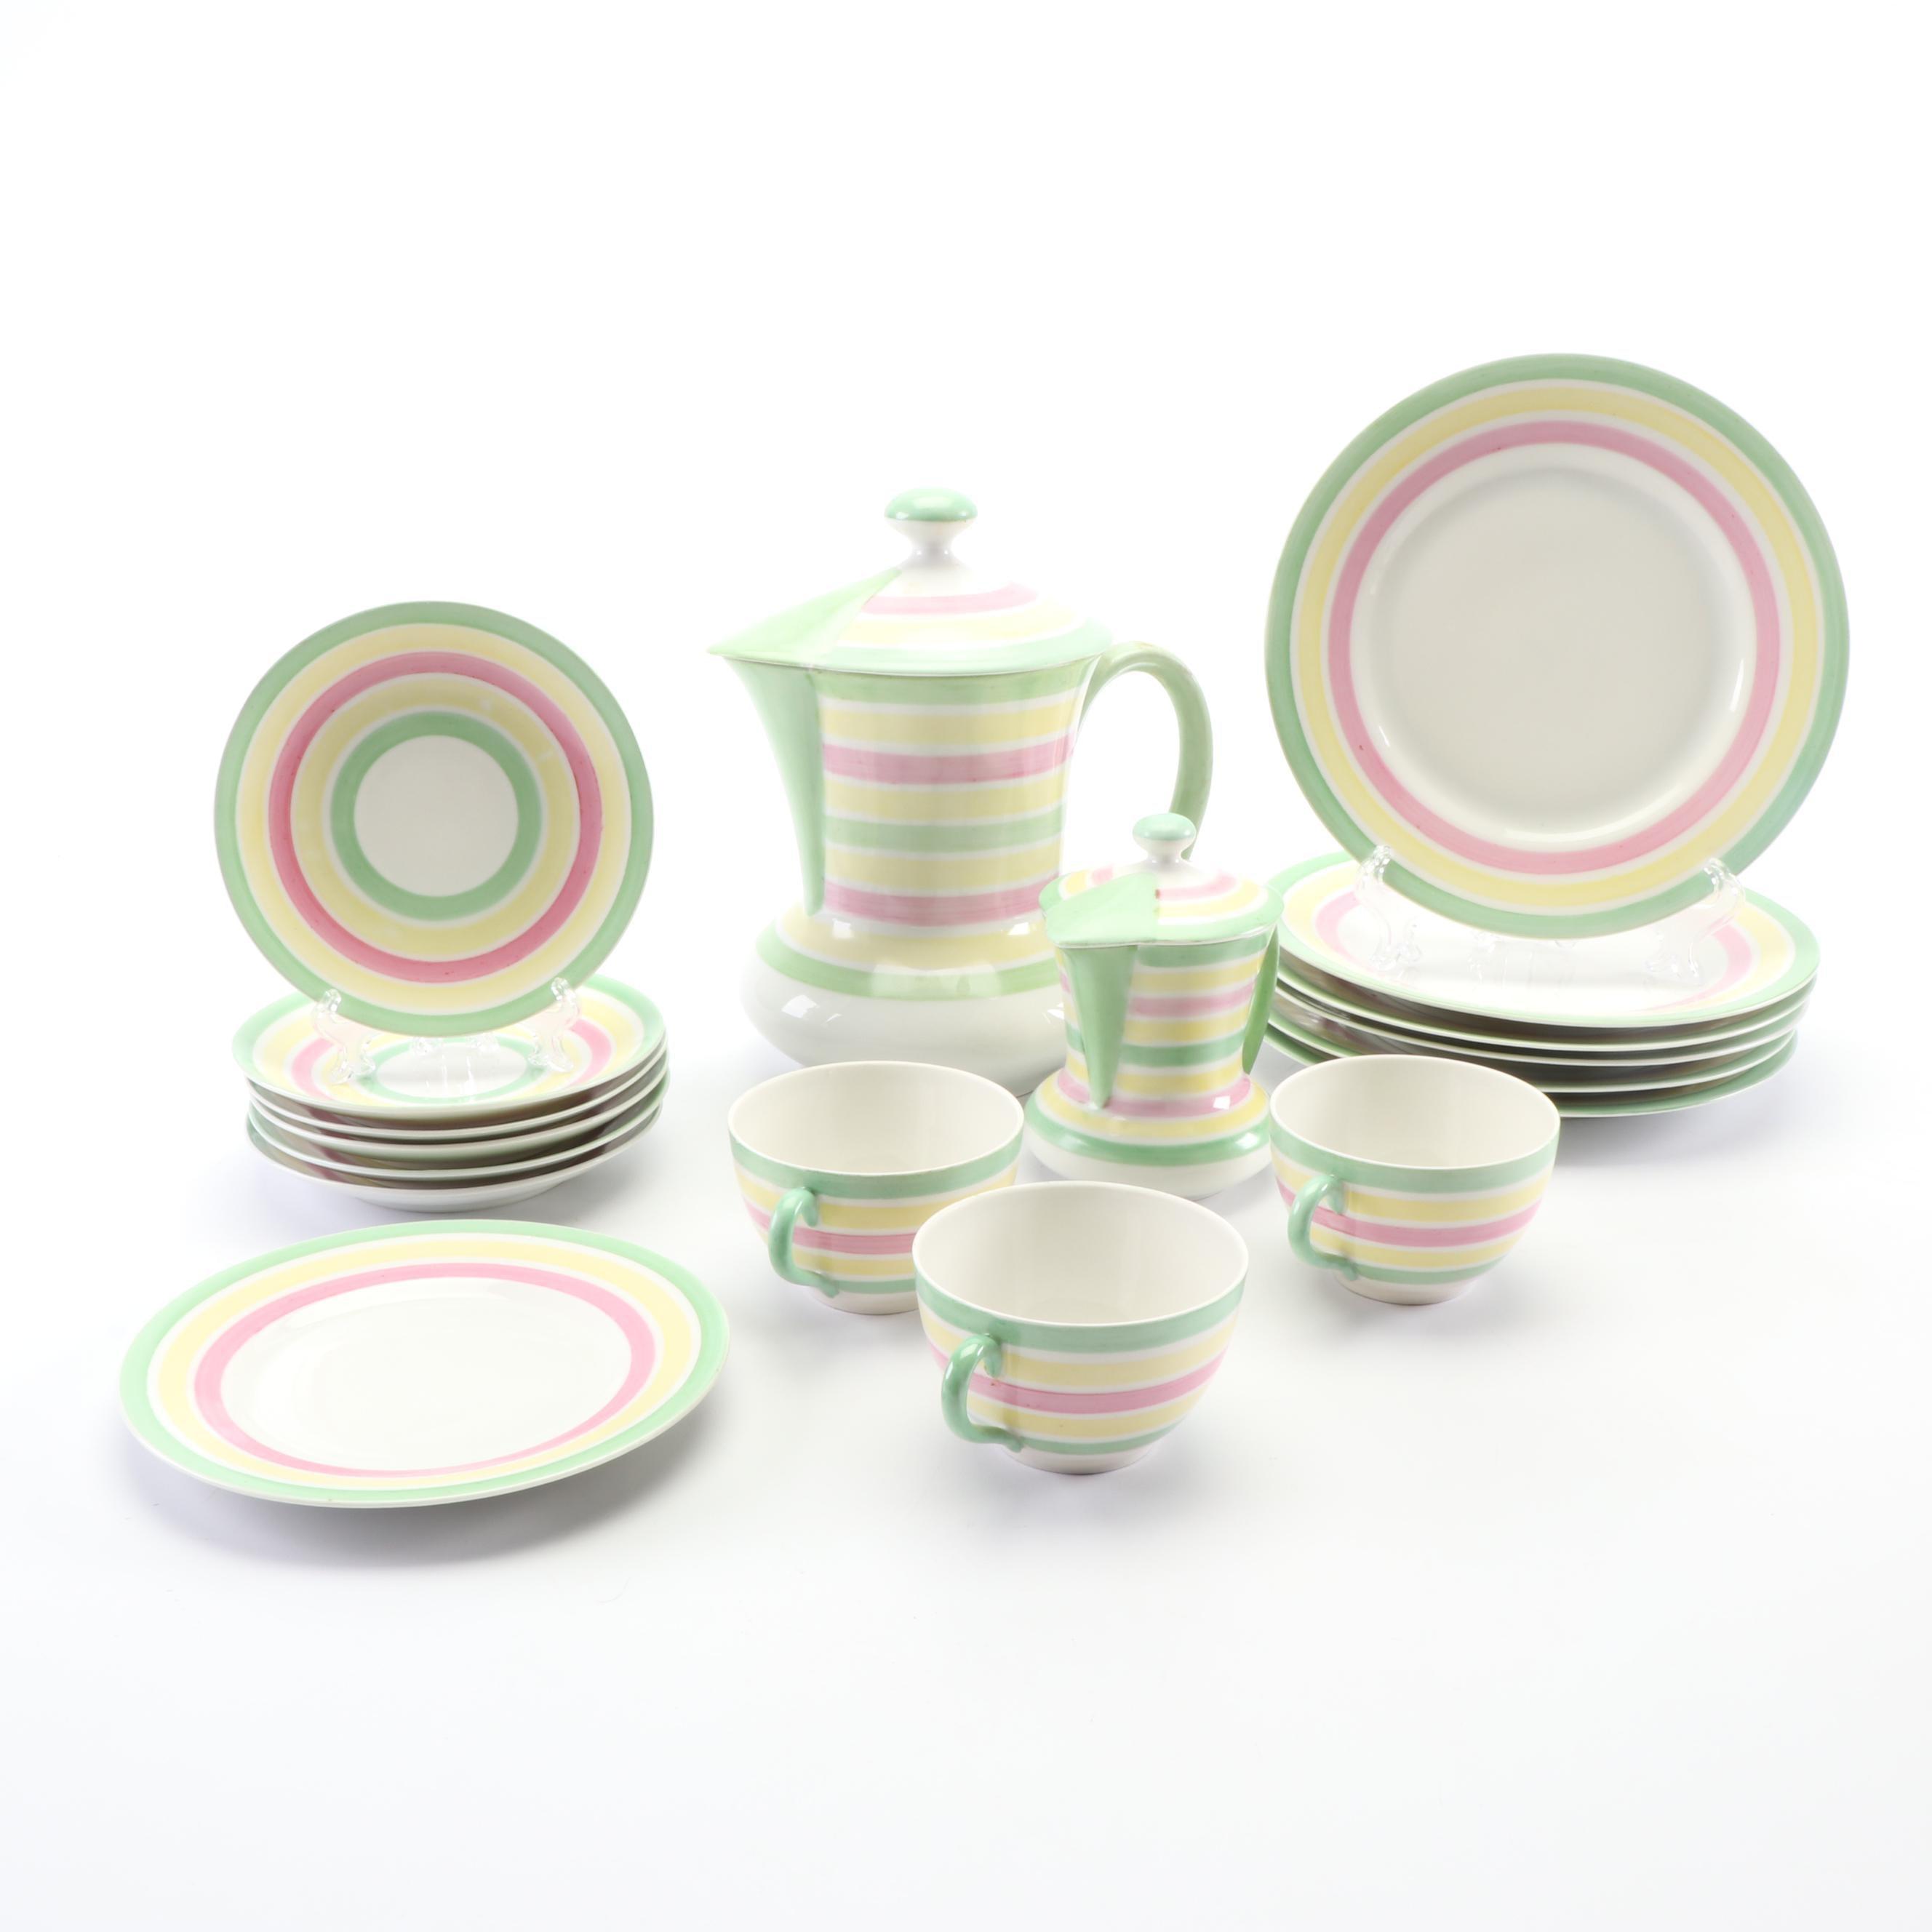 Czechoslovakian Striped Ceramic Coffee Set